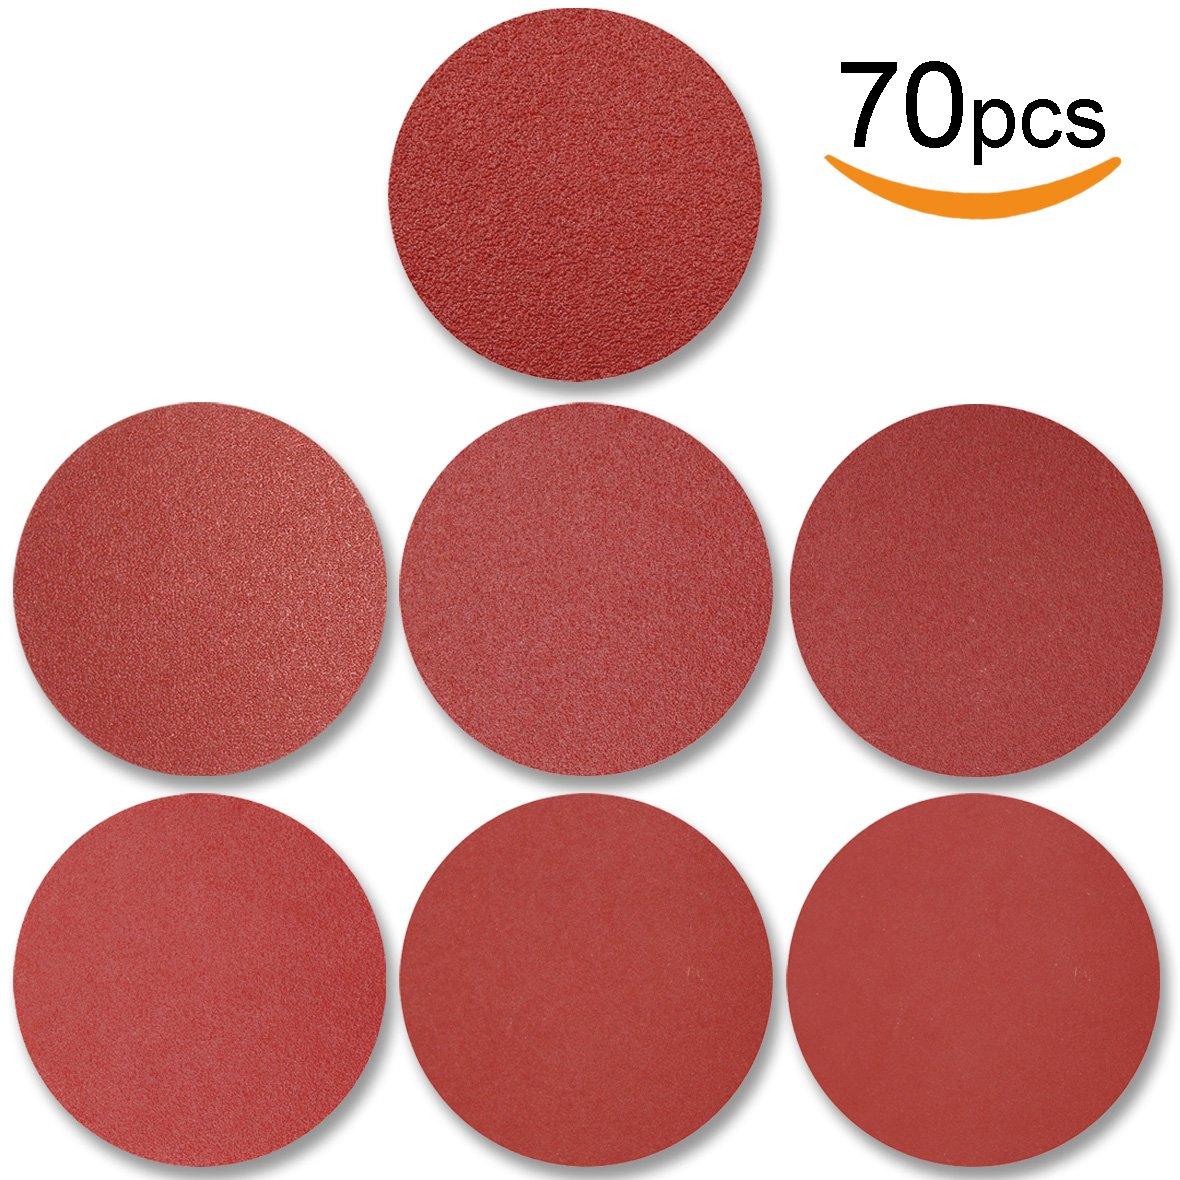 70pcs PSA Sanding Discs 6 Inch, 120/180/240/320/400/600/800 Grit Adhesive Backed for Random Orbital Sander by V-story